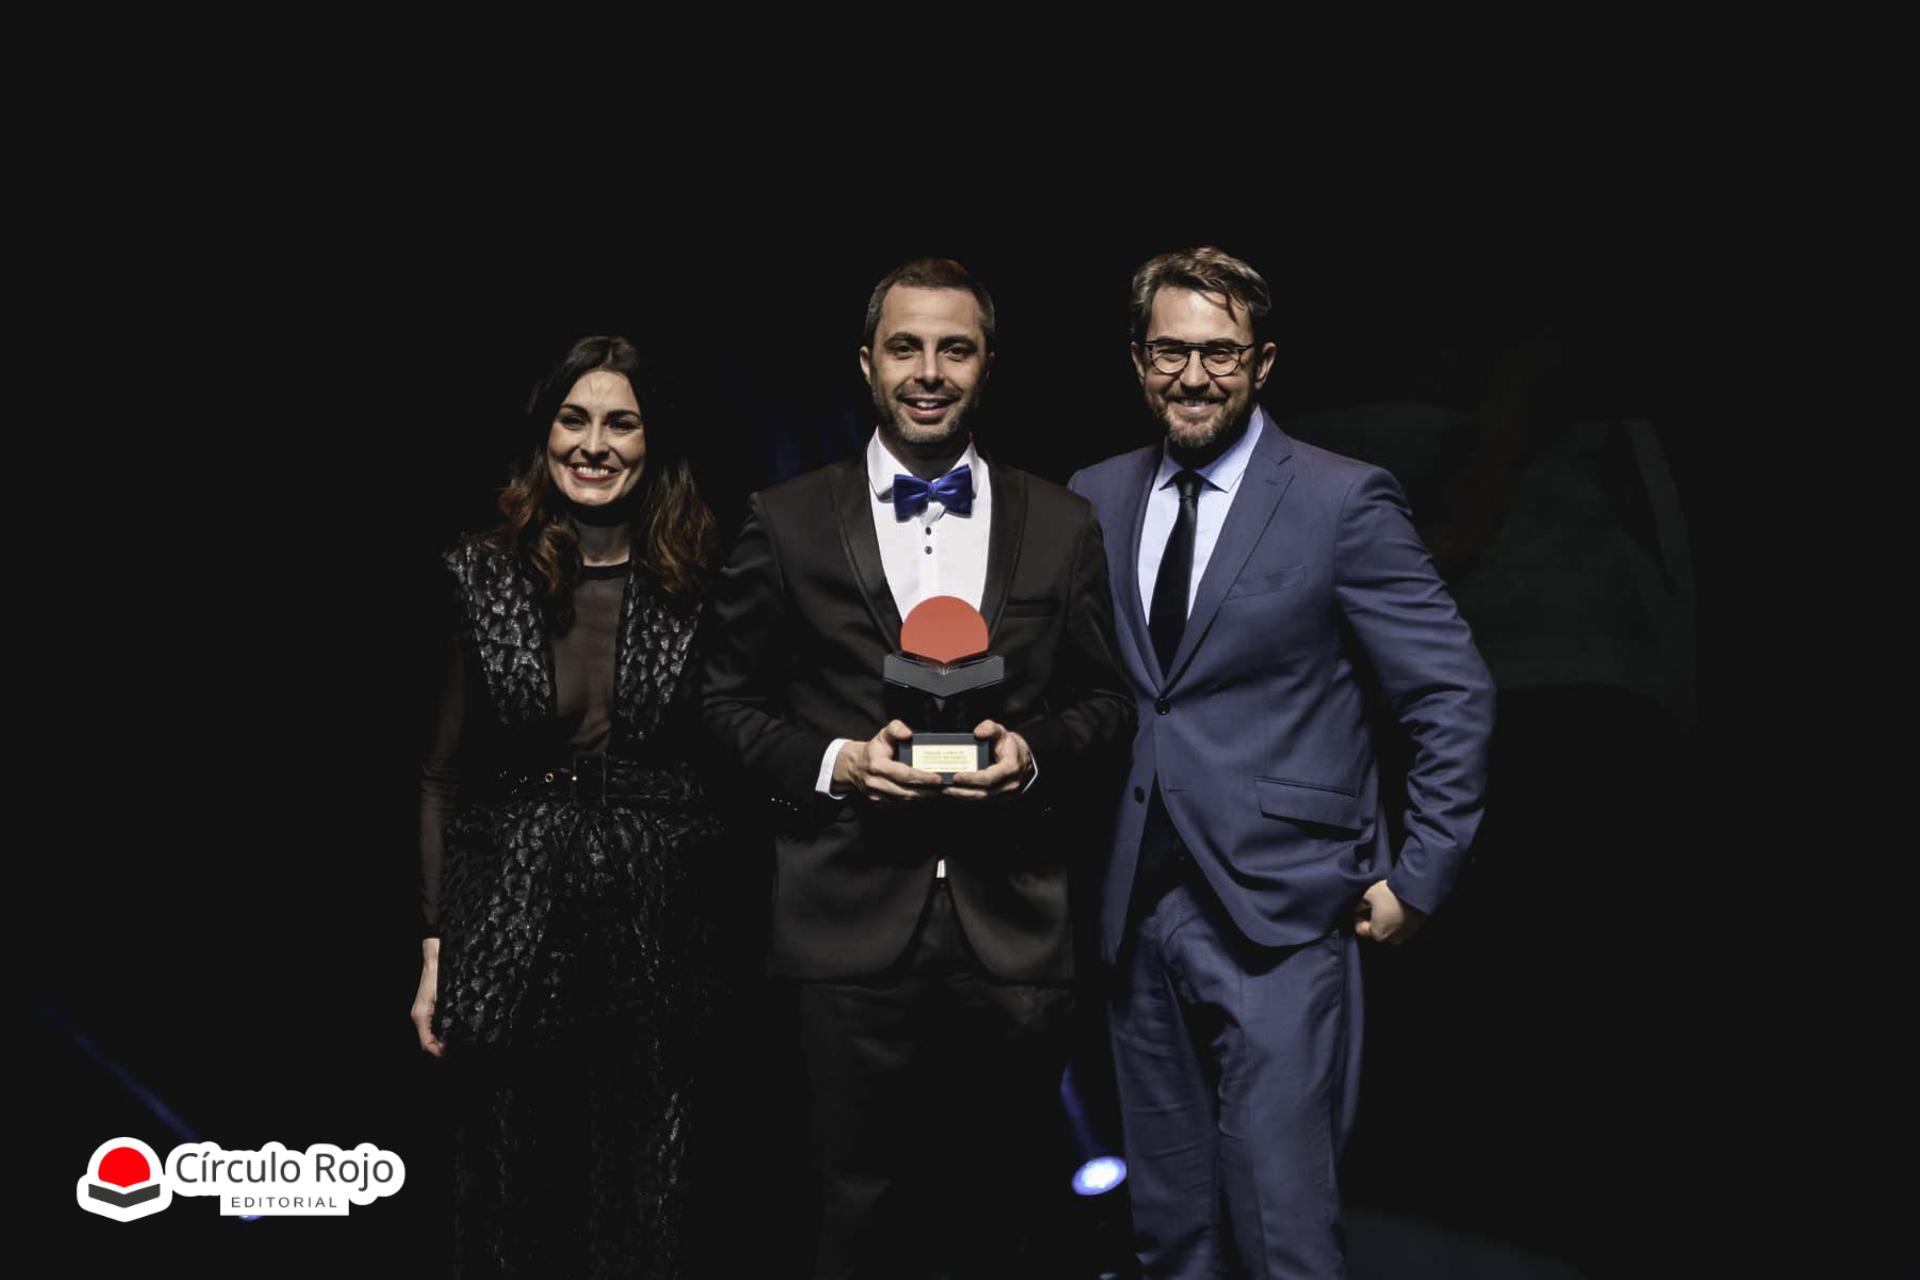 Entrevista a ganadores de los Premios Círculo Rojo 2019: asomados al vacío